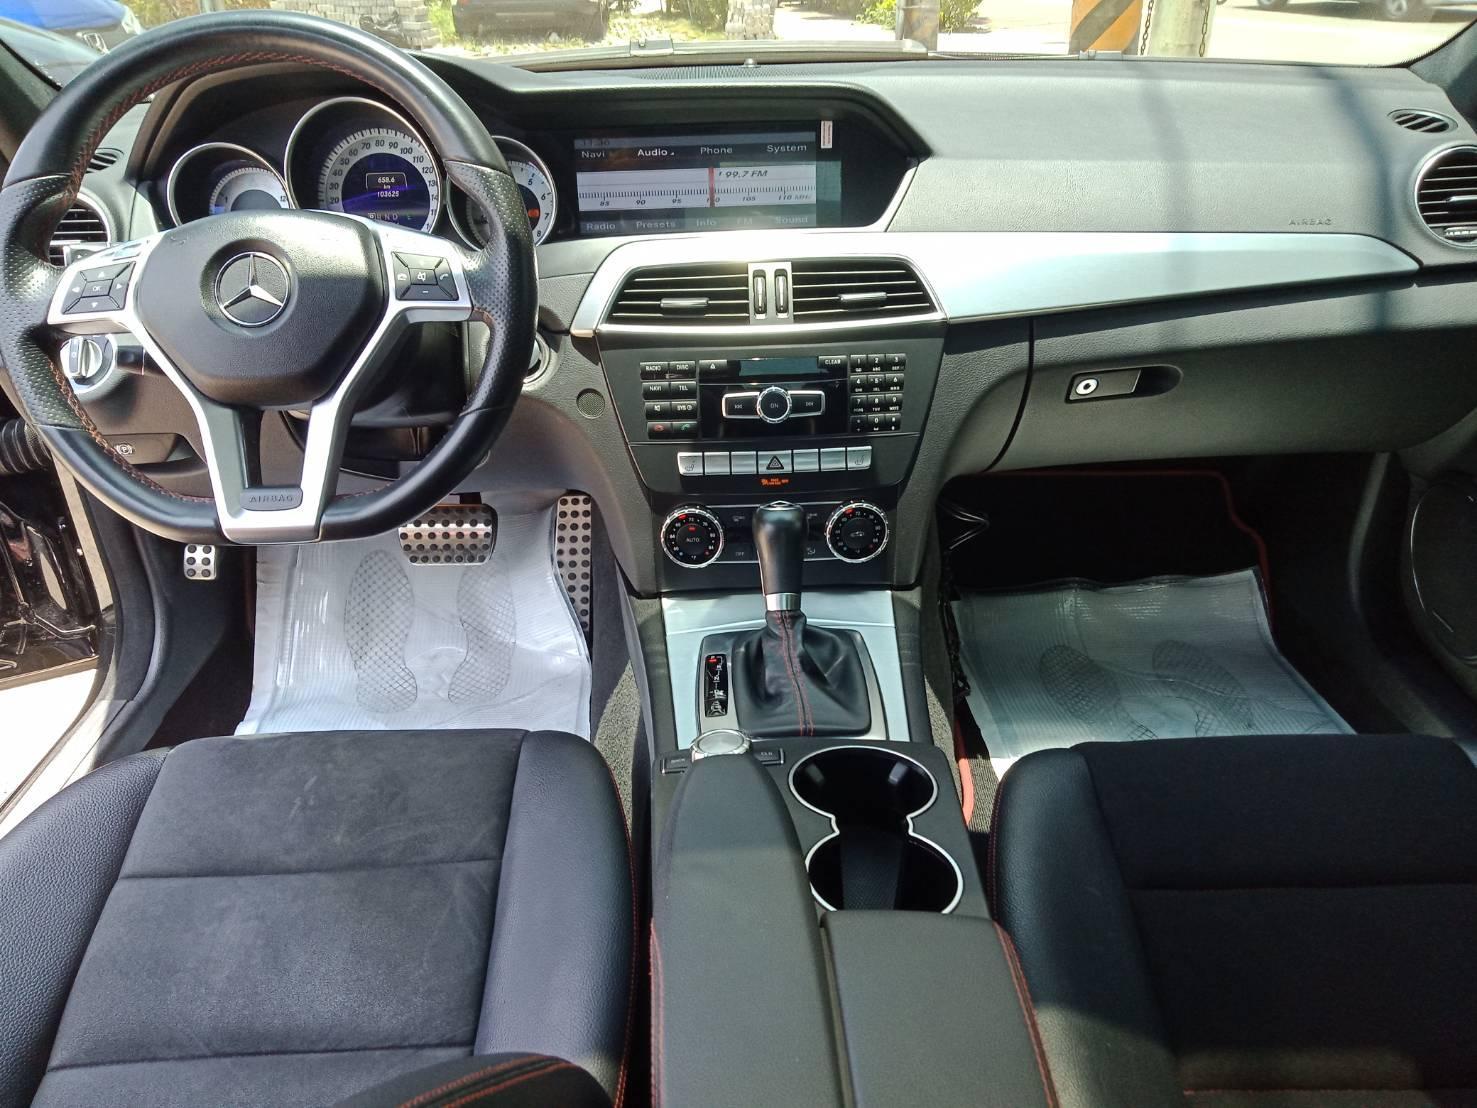 2012年 c250 plus 全景 Ikey 黑 跑10萬 熱門車中古車二手車